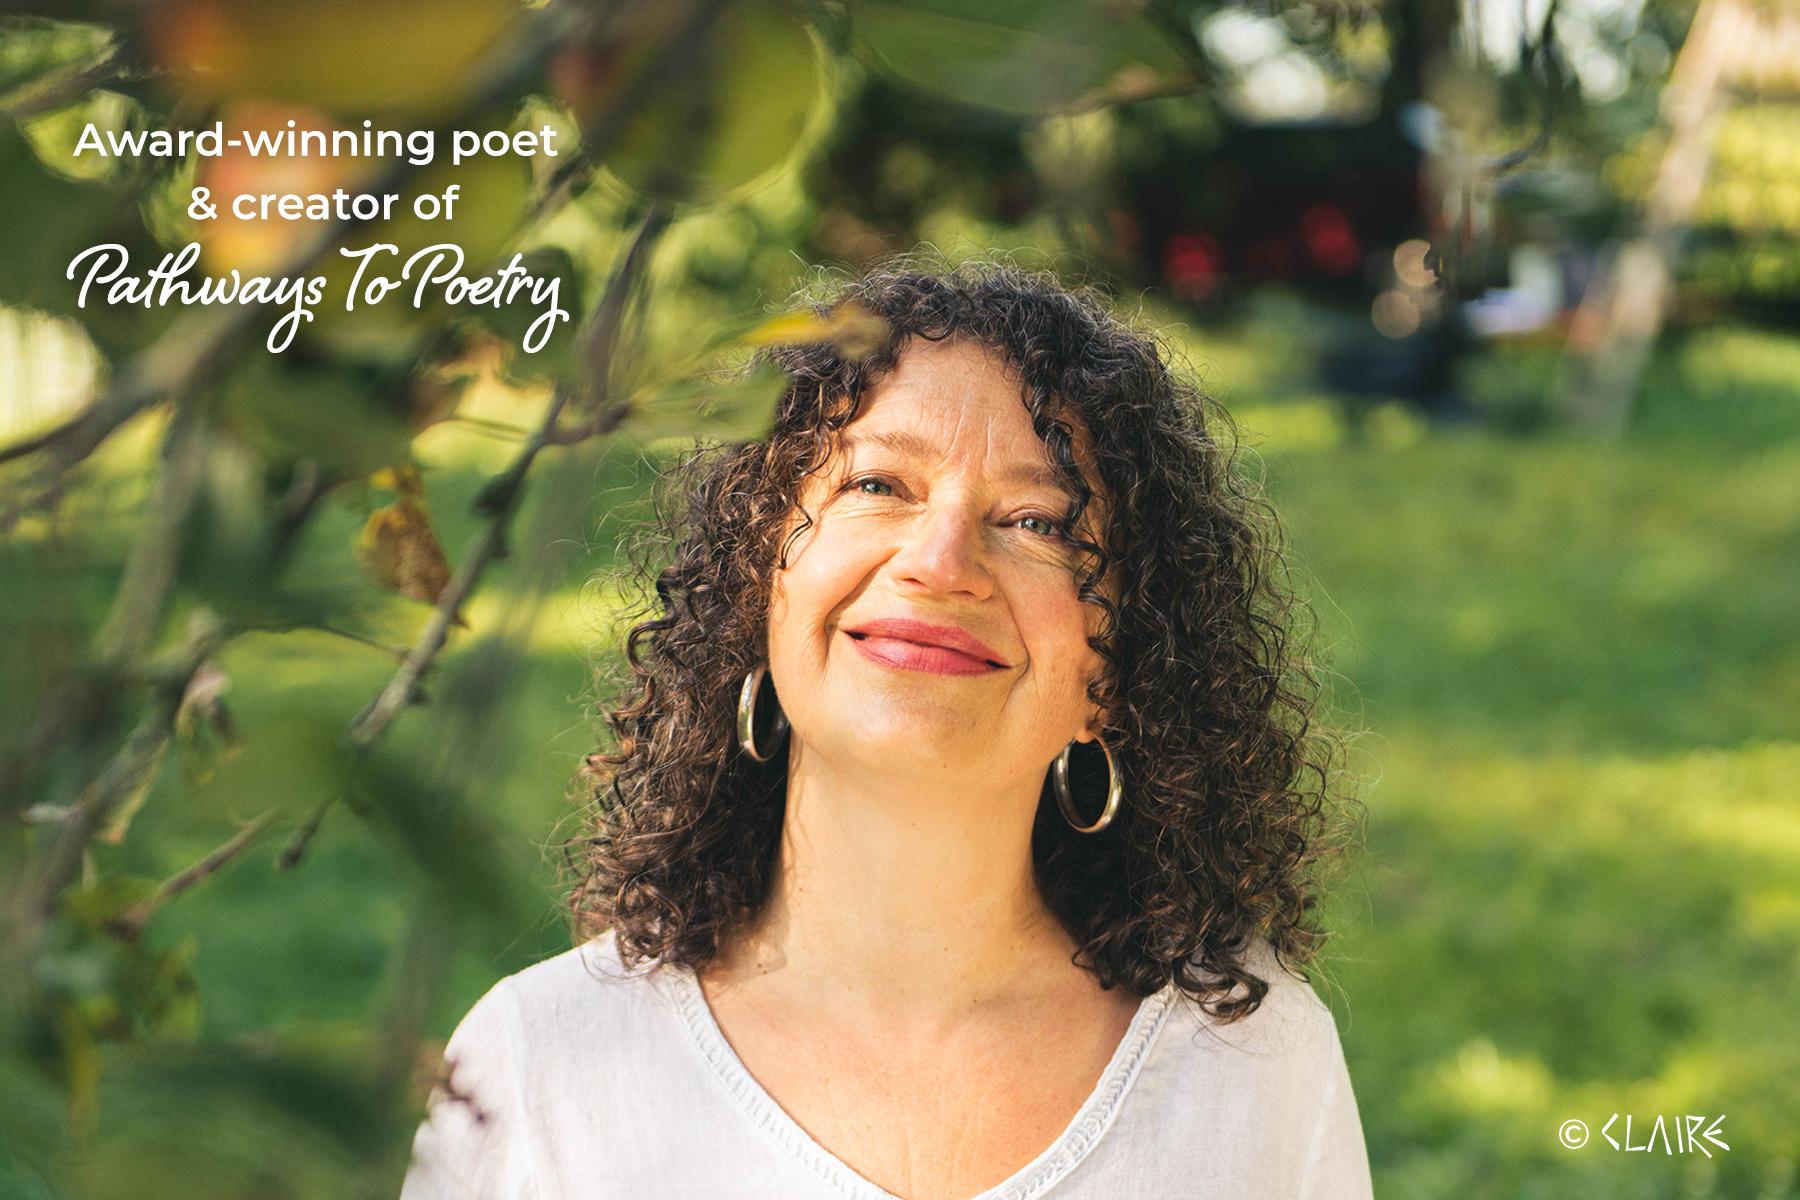 Heidi Sander award-winning poet and creator of Pathways To Poetry multimedia online poetry program